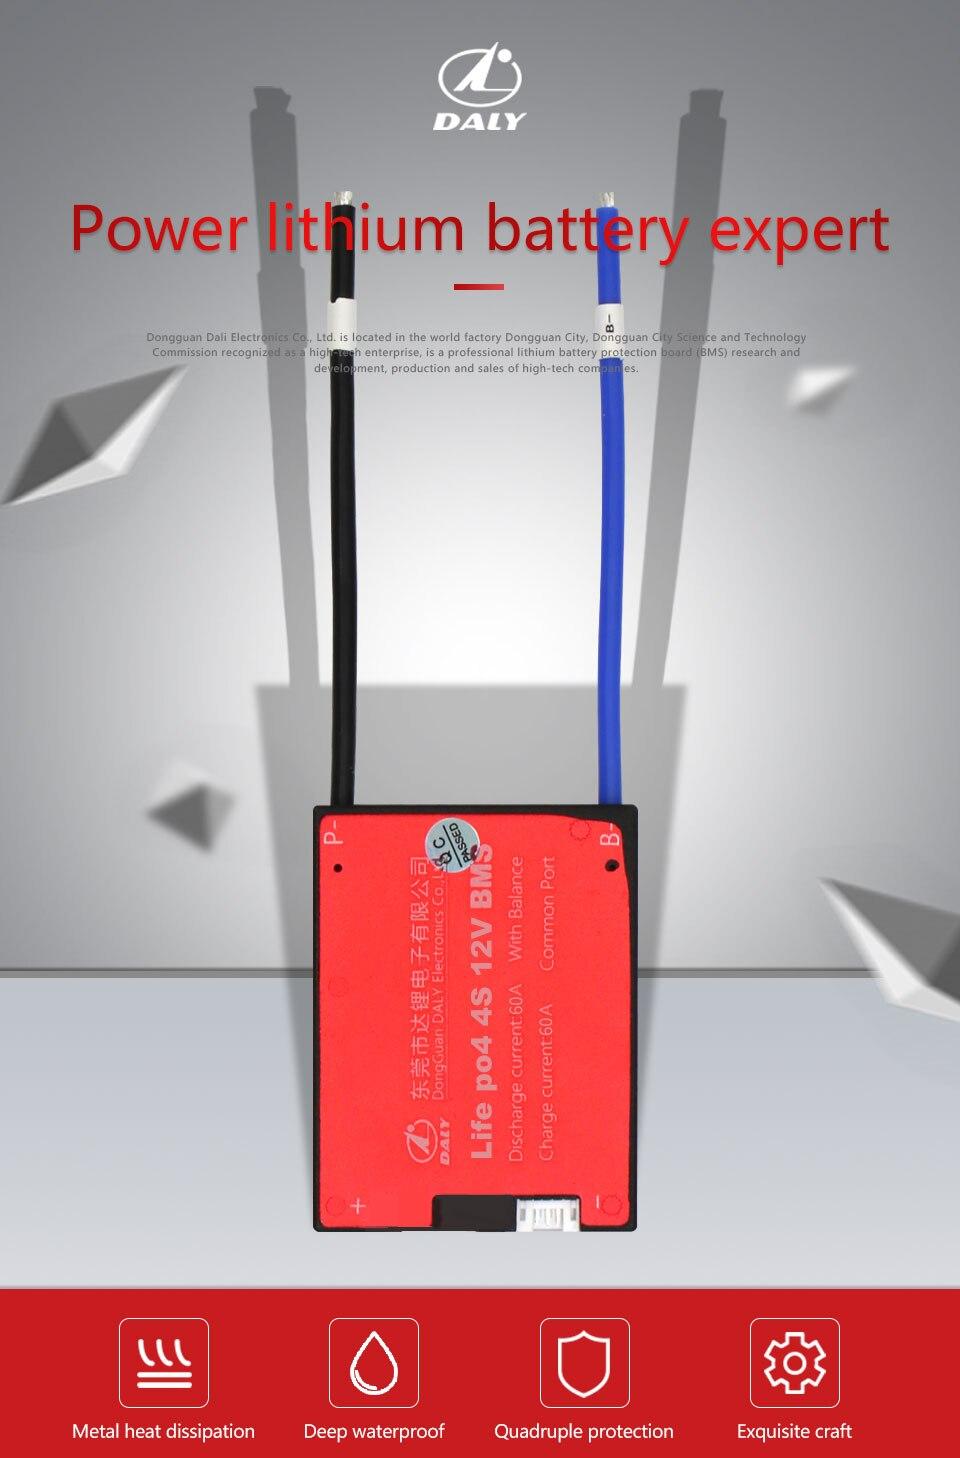 铁锂4S小电流_01